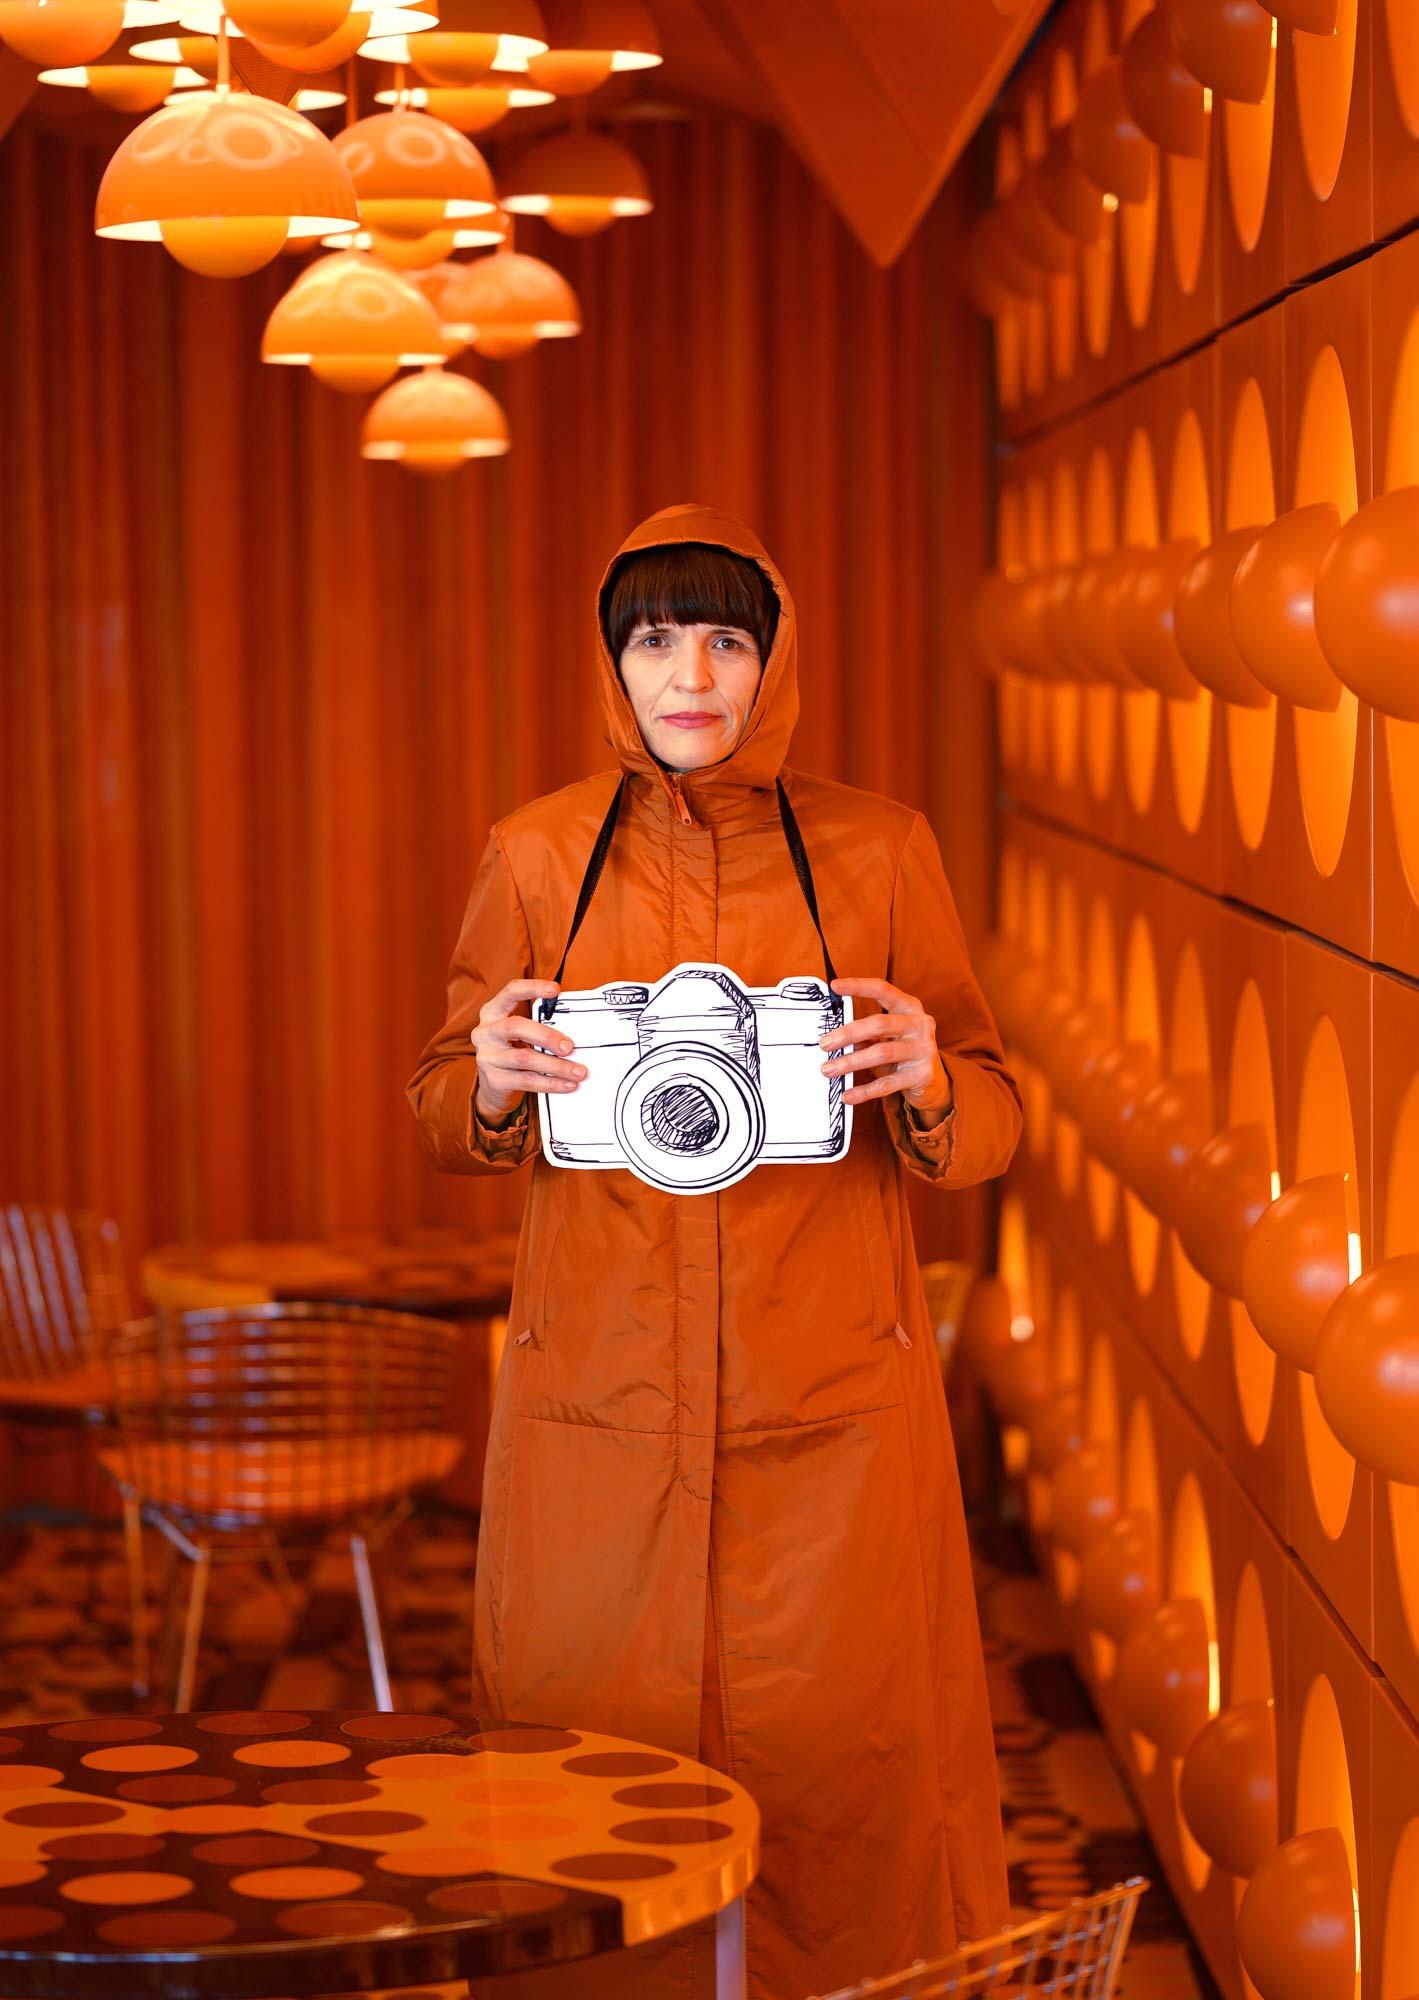 Fotografin Nicole Keller im Museum für Kunst & Gewerbe